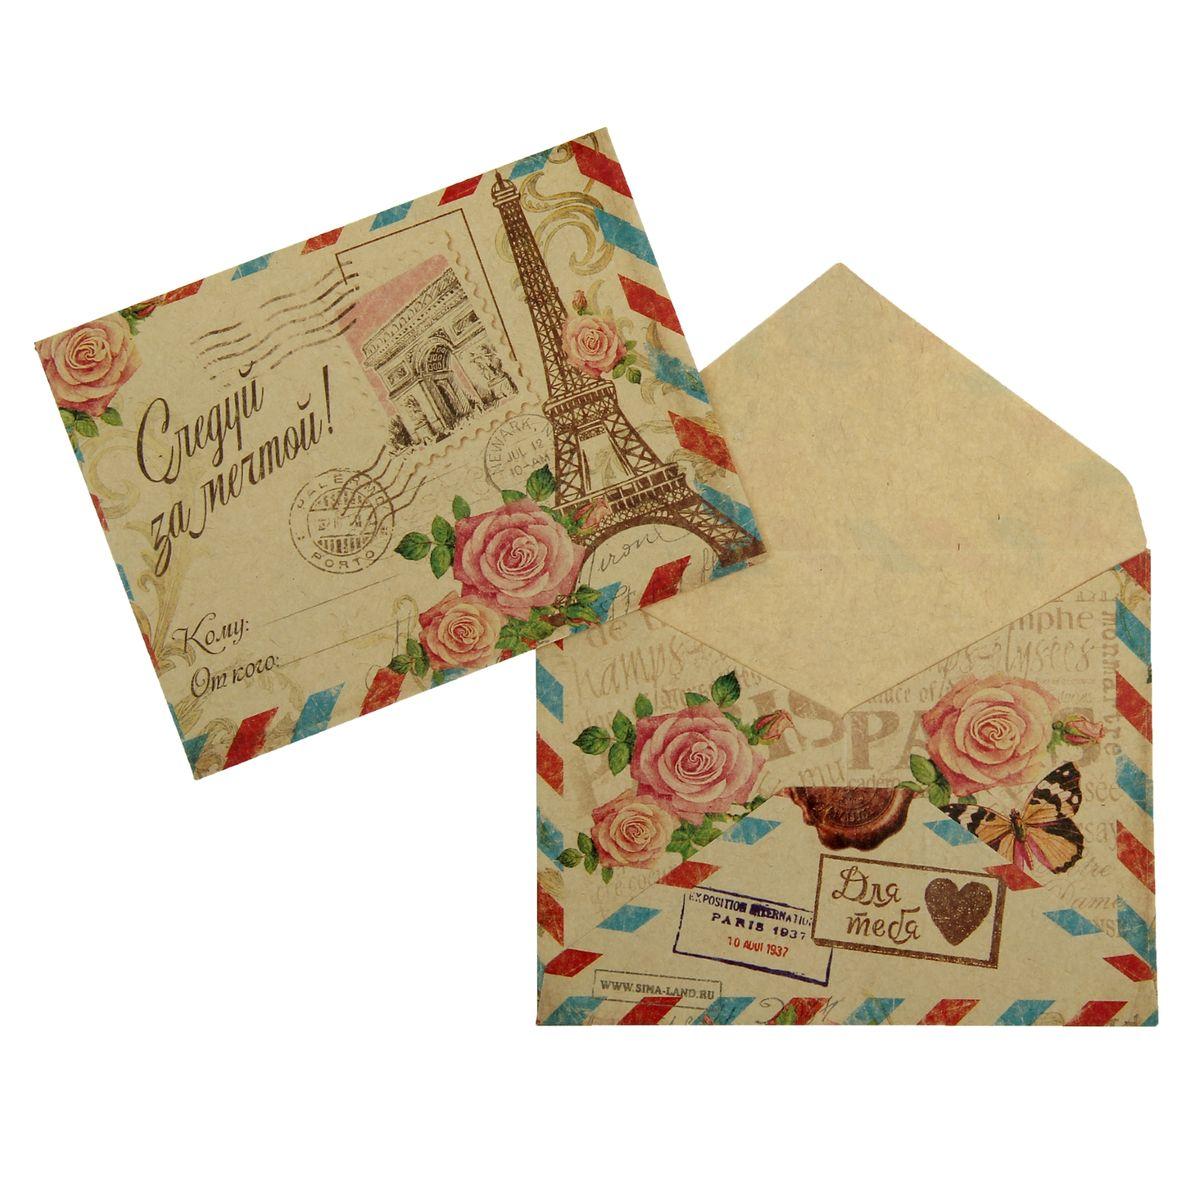 Конверт подарочный Париж, 7,5 х 9,8 см1021077Конверт Париж, выполненный из бумаги, станет необычным и приятным оформлением денежного подарка в честь приятного события.